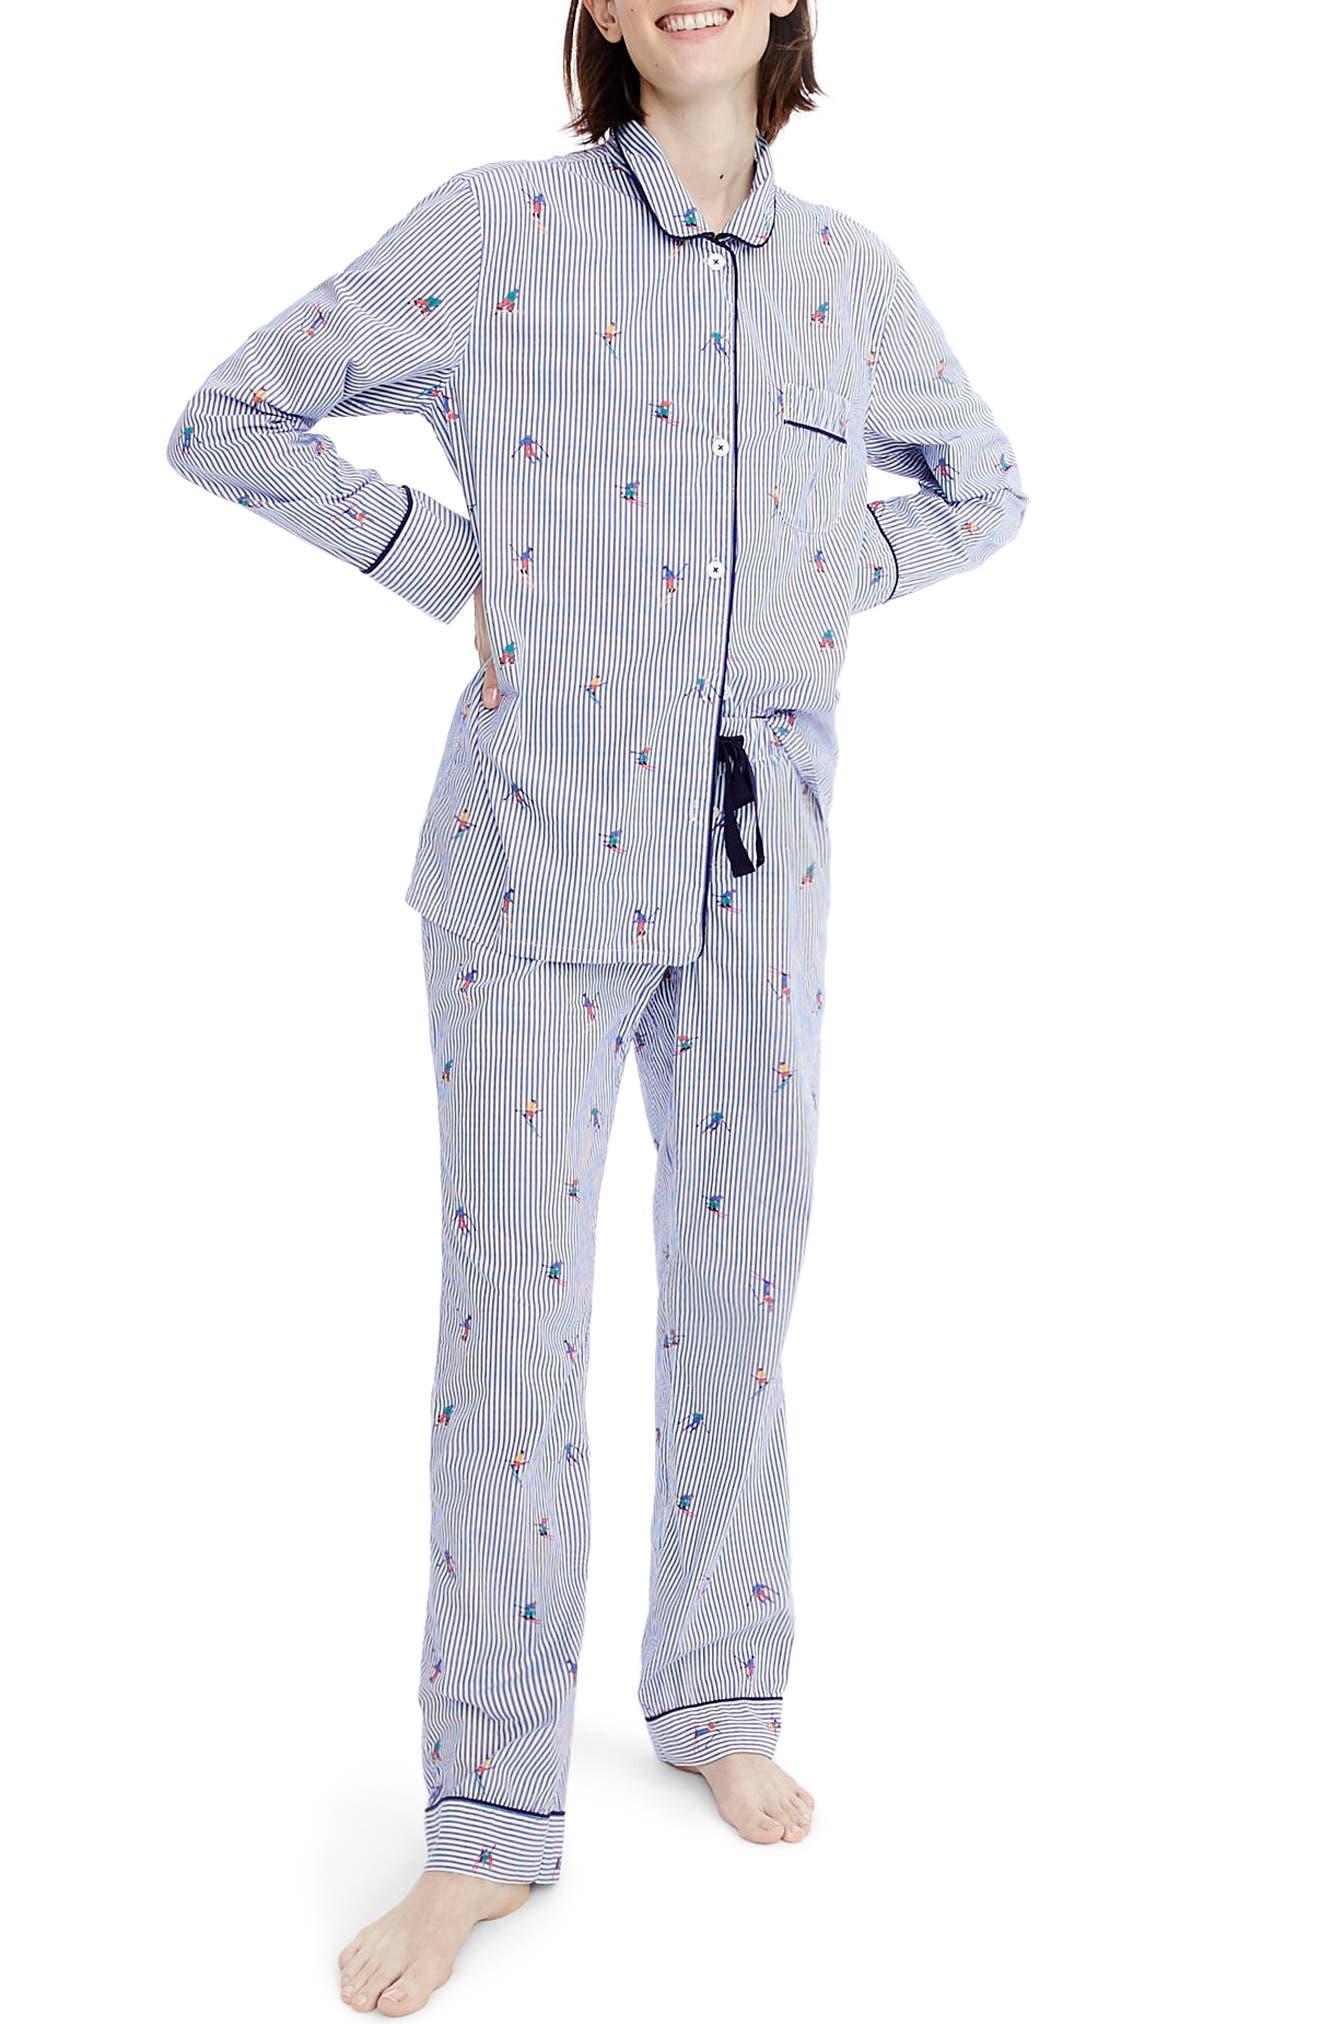 Main Image - J.Crew Skier Pajamas